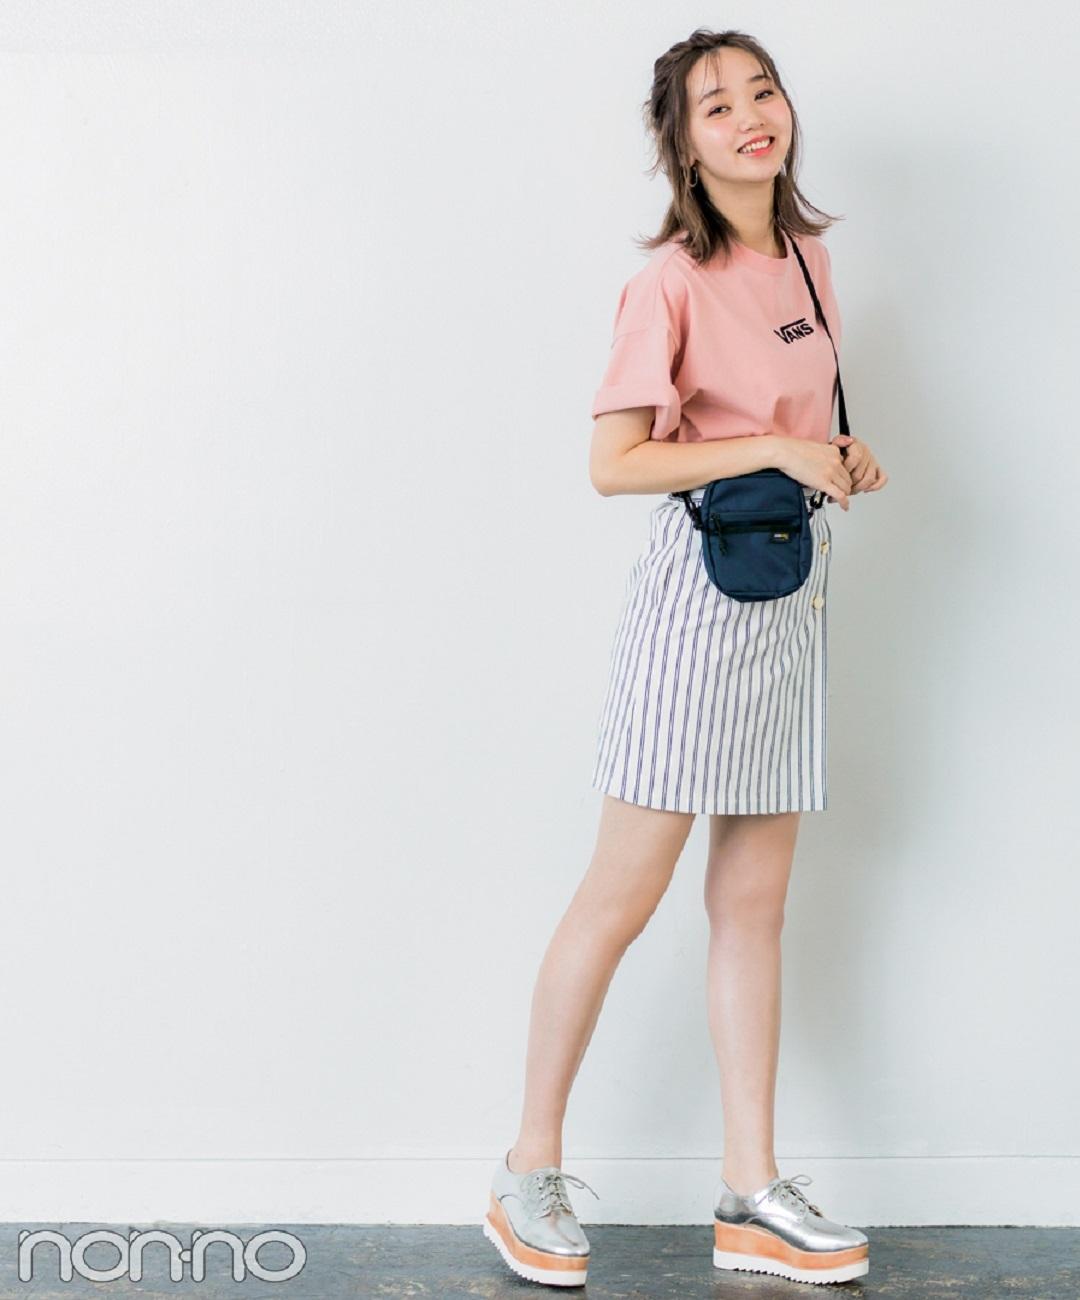 【夏のTシャツコーデ】江野沢愛美は、旬のストライプミニで今っぽさも美脚も叶える♪